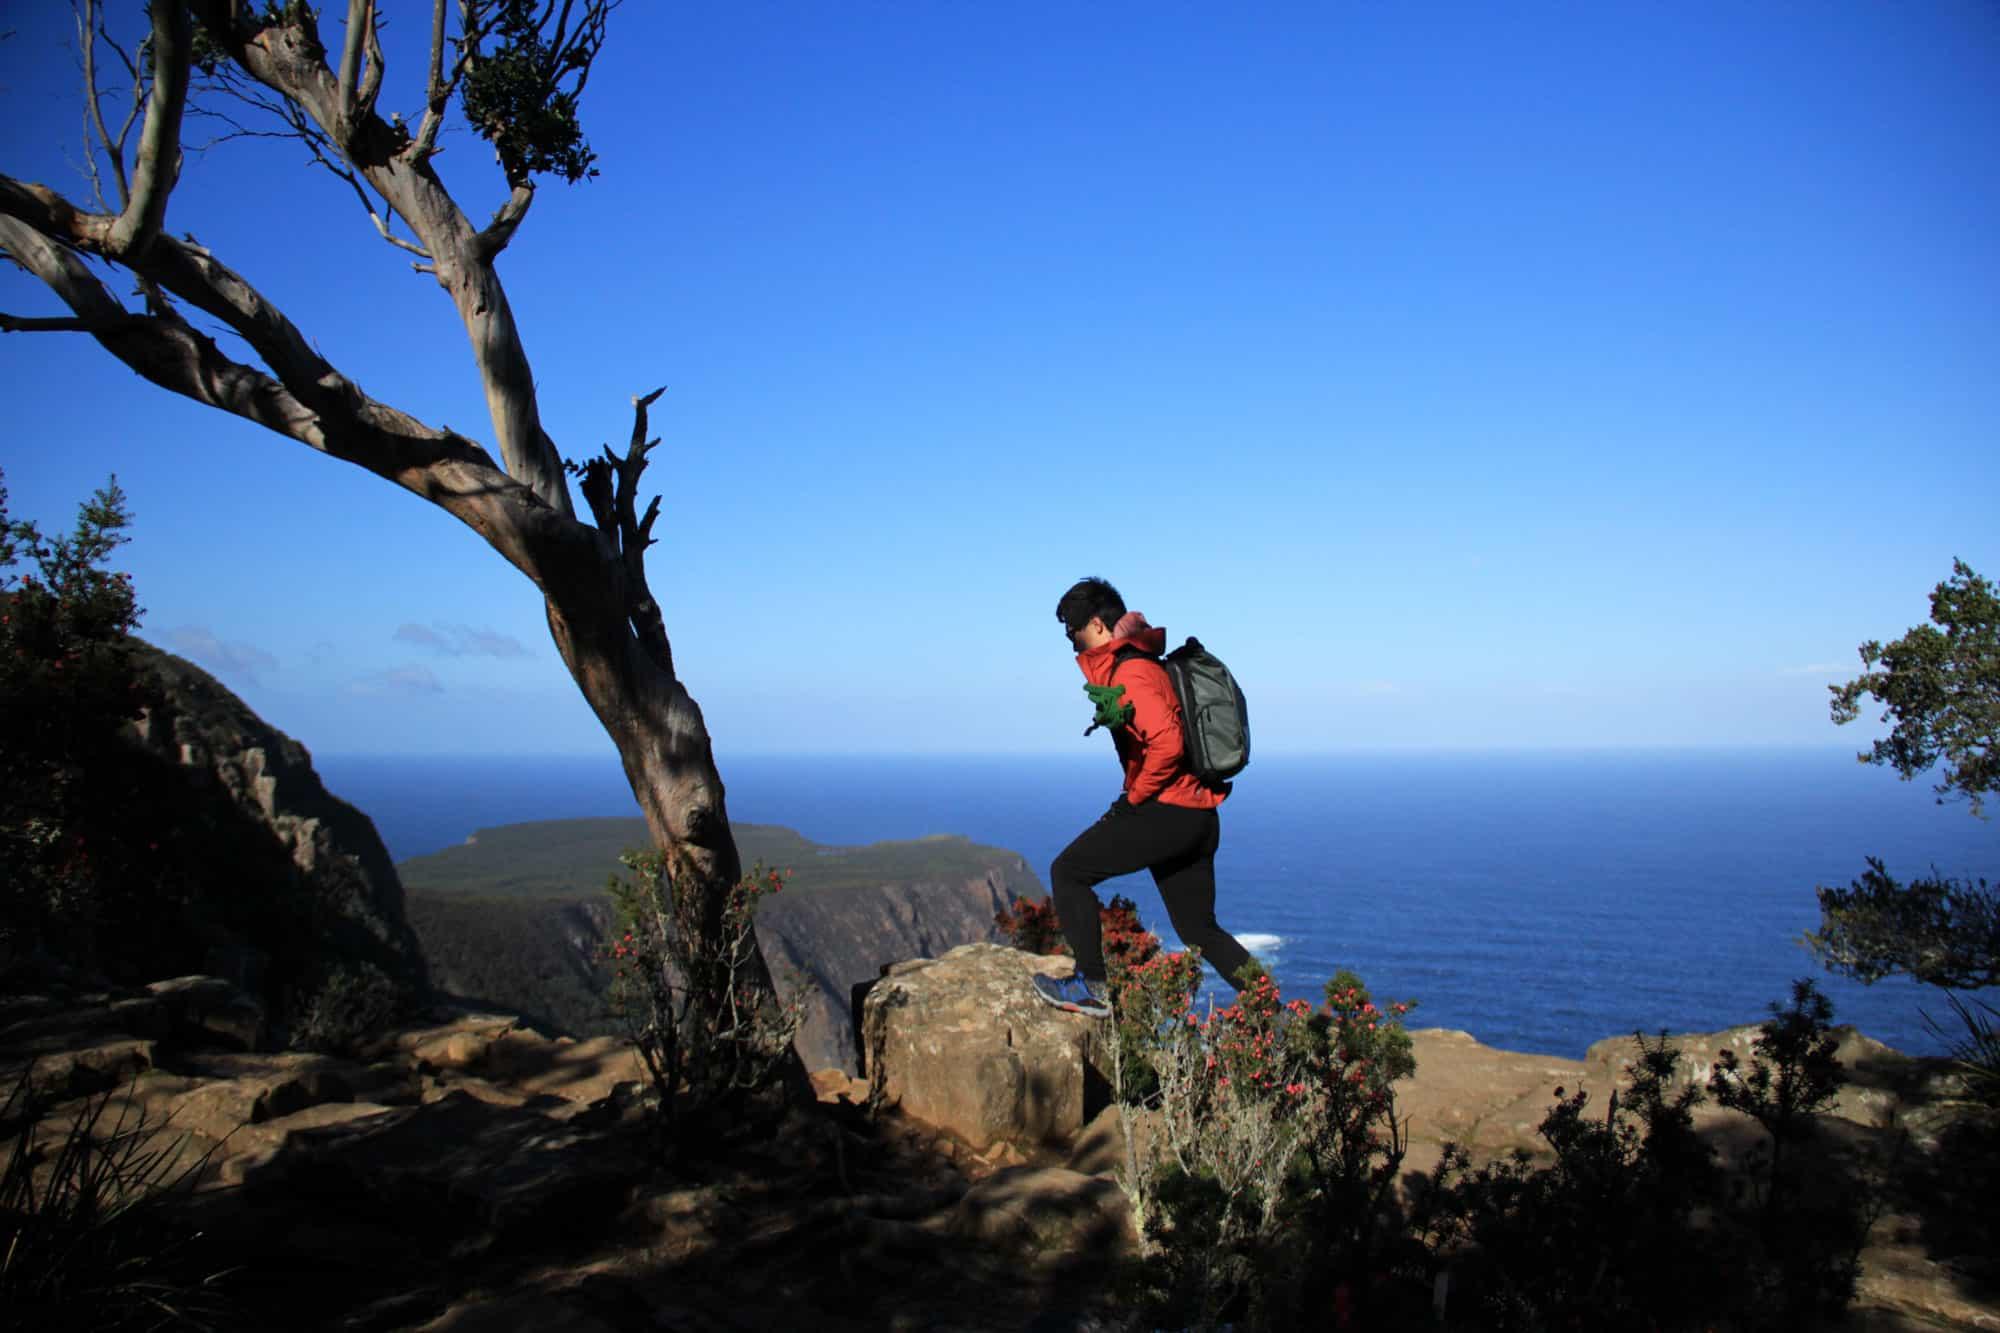 说走就走的小众旅行目的地,澳大利亚塔斯马尼亚游记